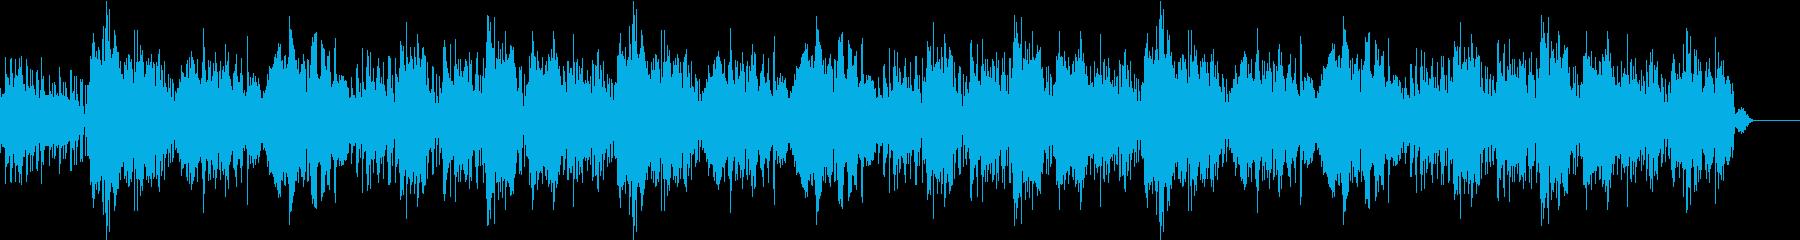 中国をイメージしたゆったりした楽曲の再生済みの波形